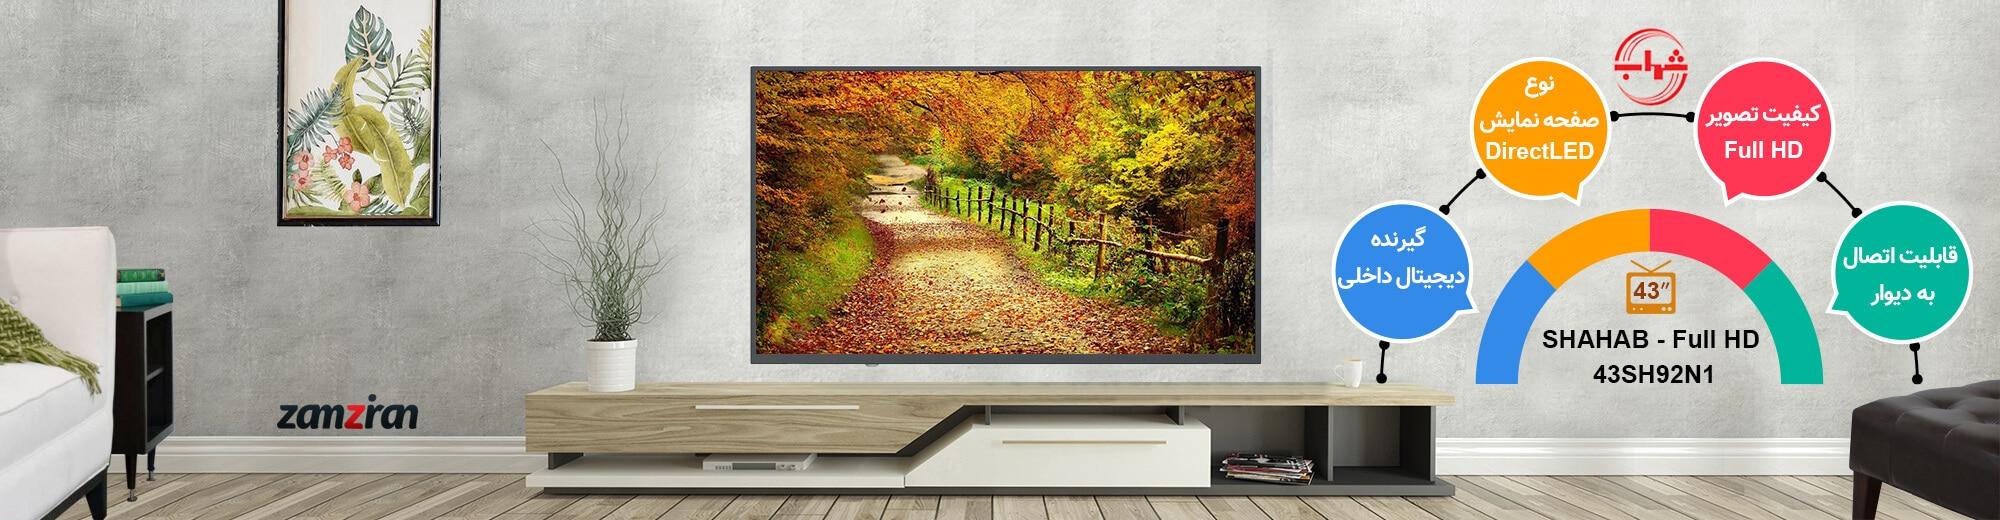 اینفوگرافی تلویزیون 43 اینچ شهاب